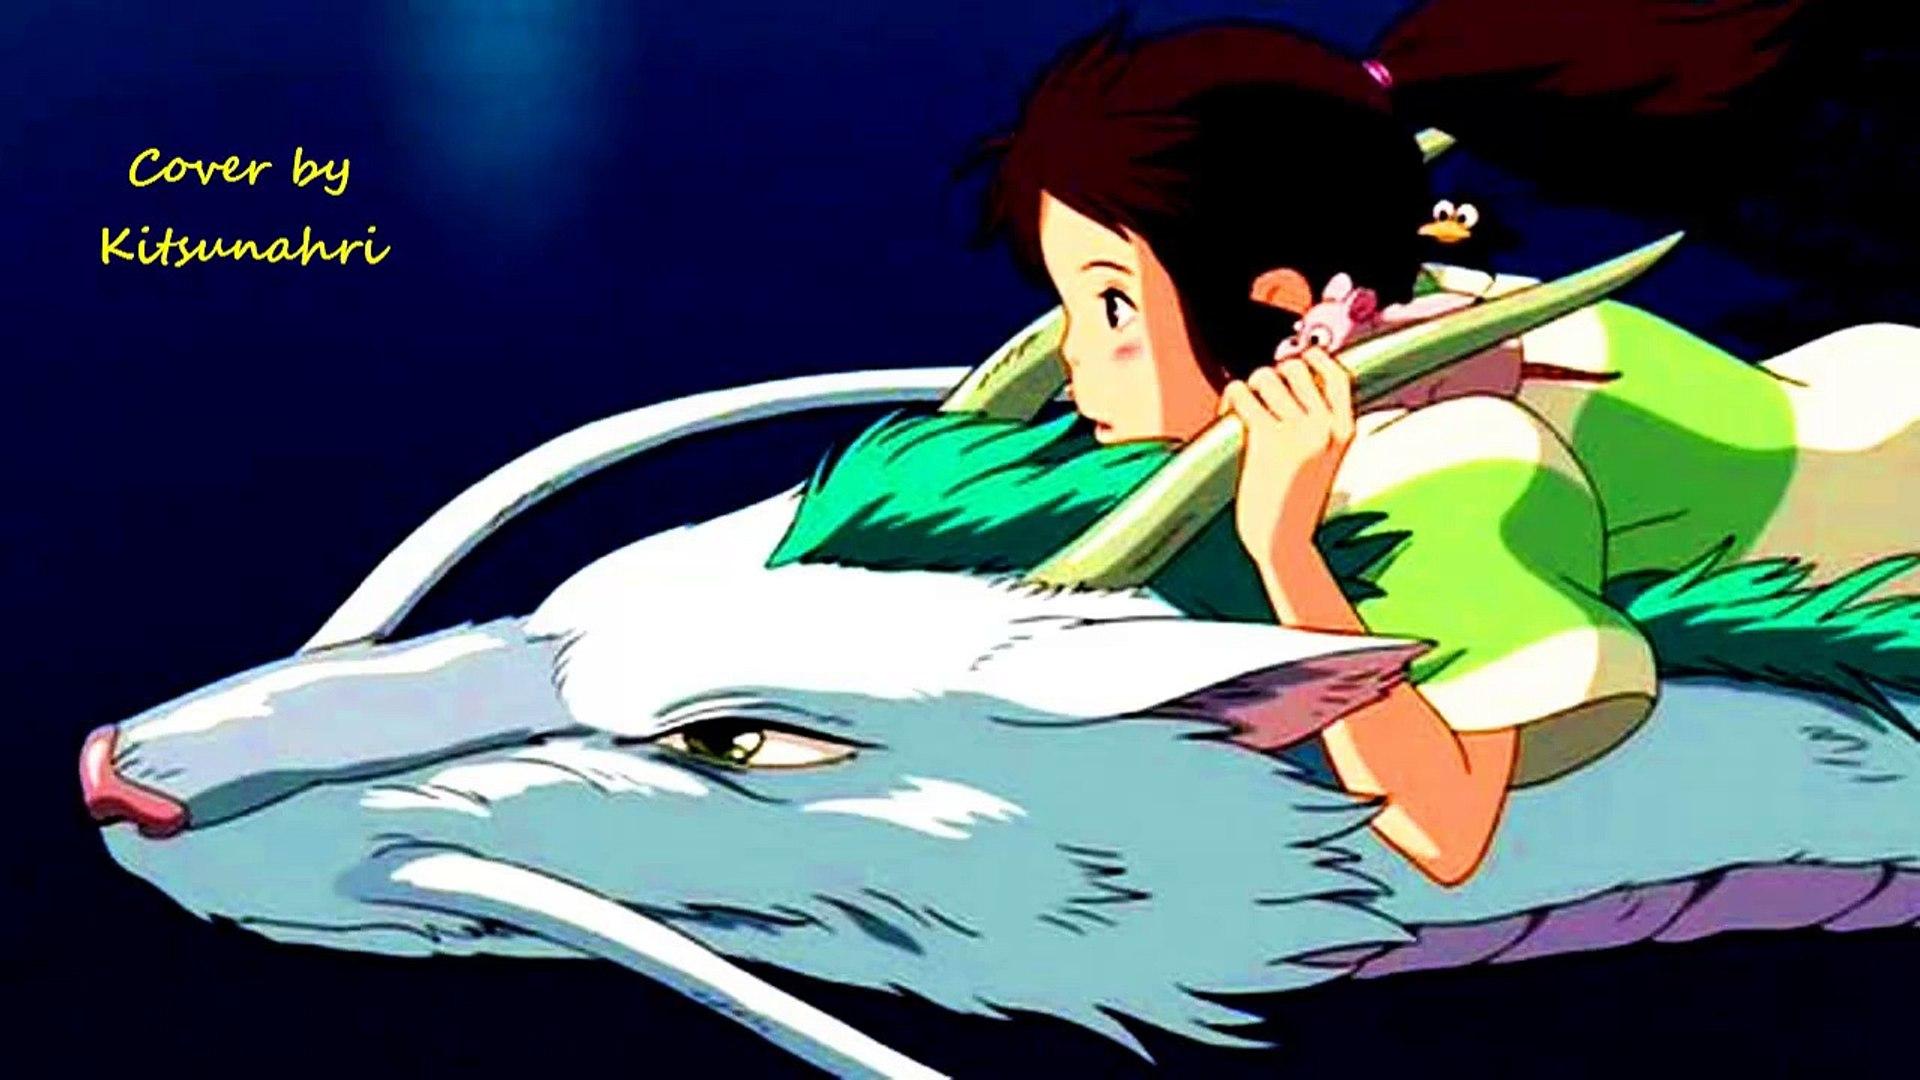 Kitsu Cover Dragon Boy Haku Spirited Away Chihiros Reise Ins Zauberland Video Dailymotion